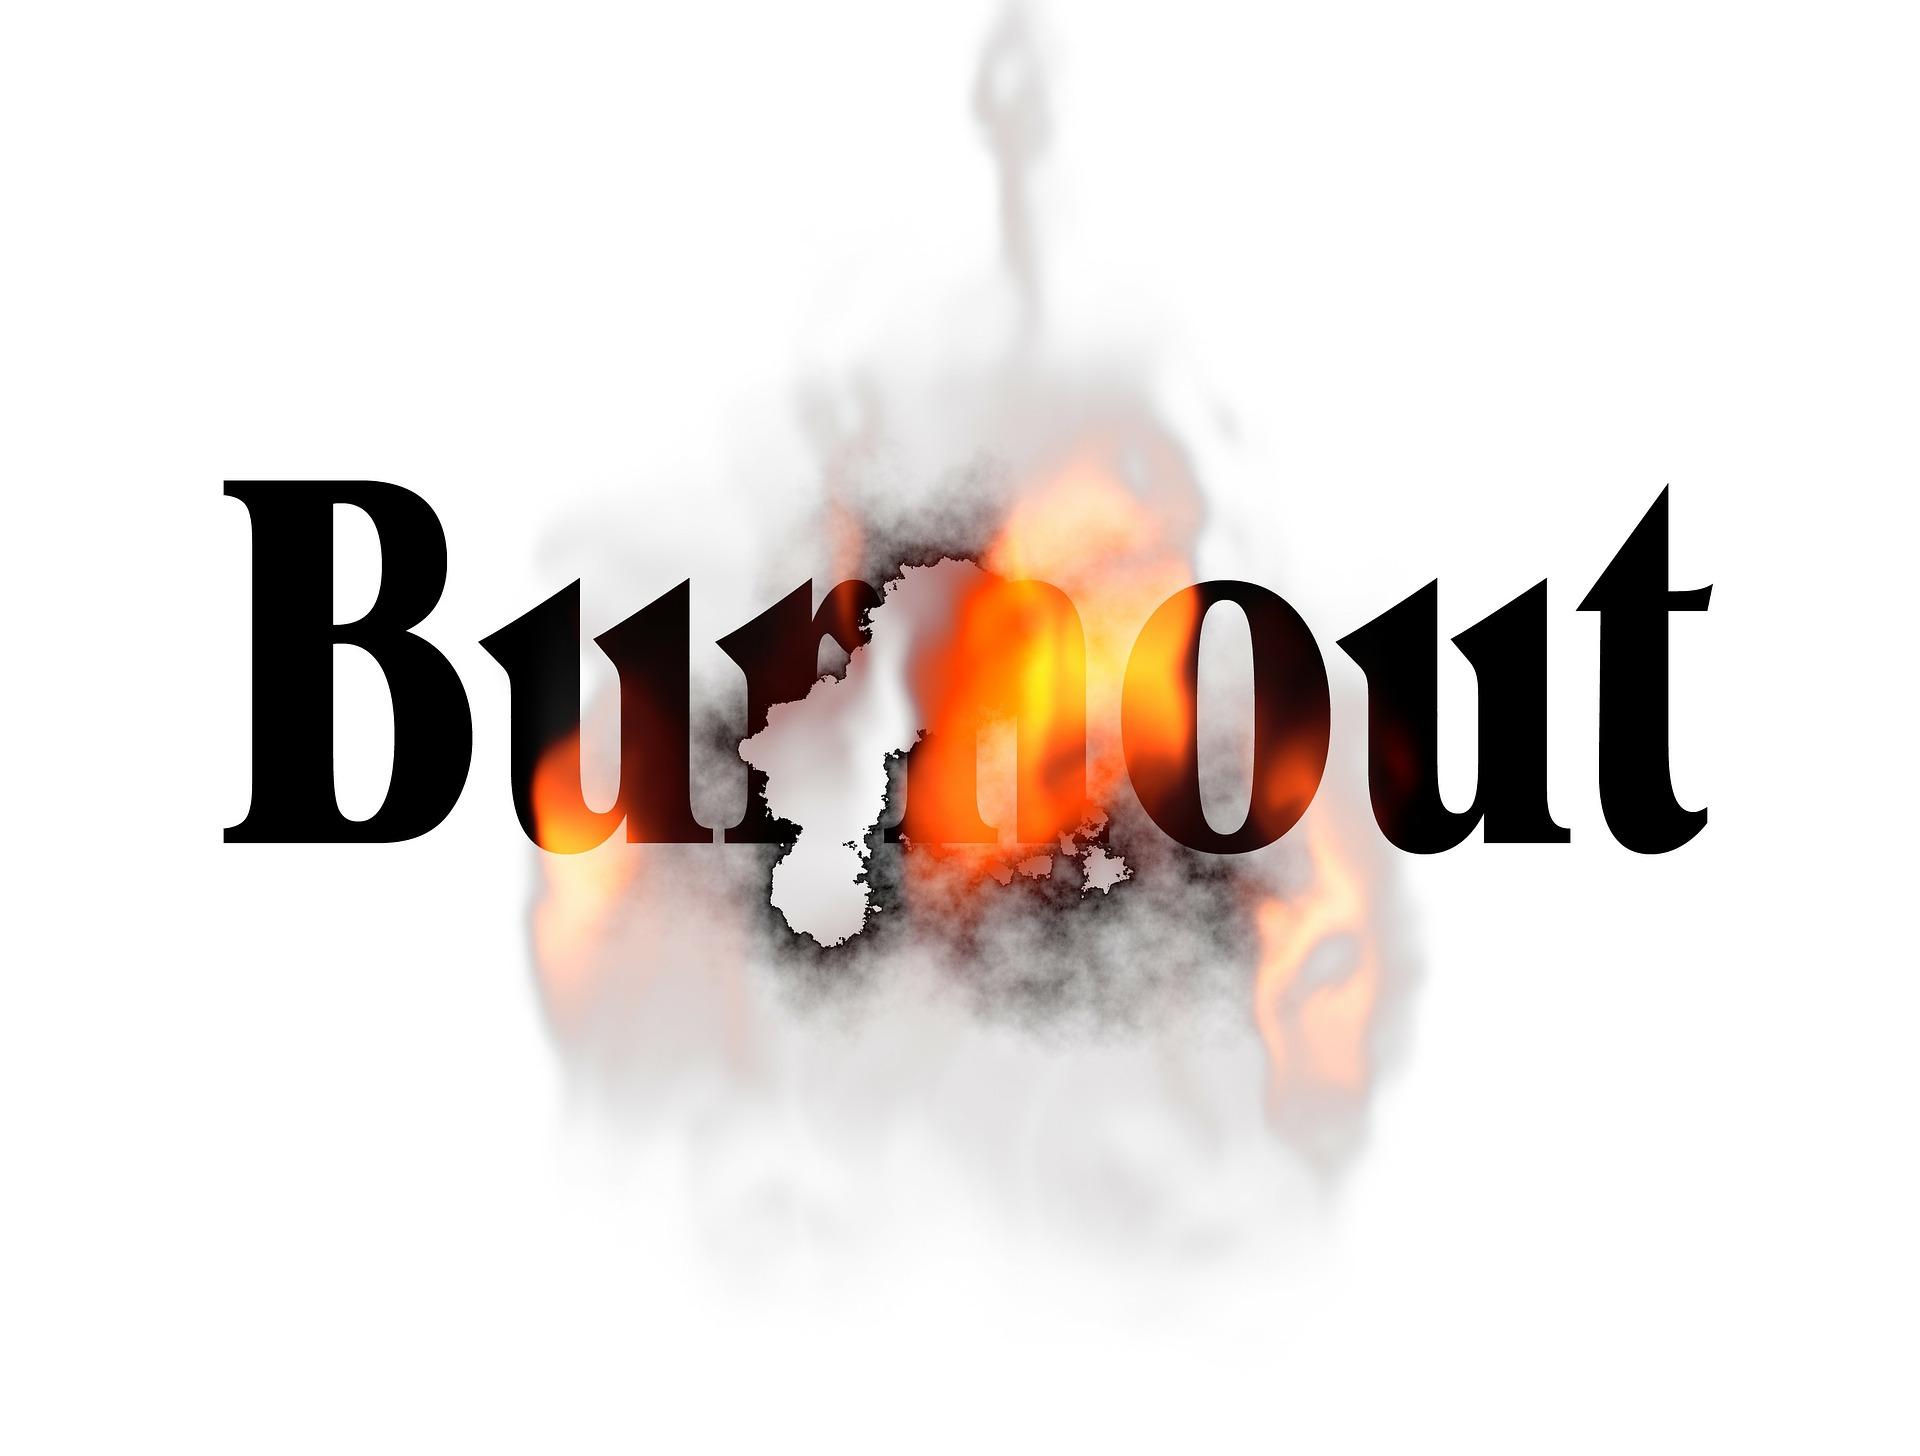 Burnout - Action Medicine DPC, P.C.